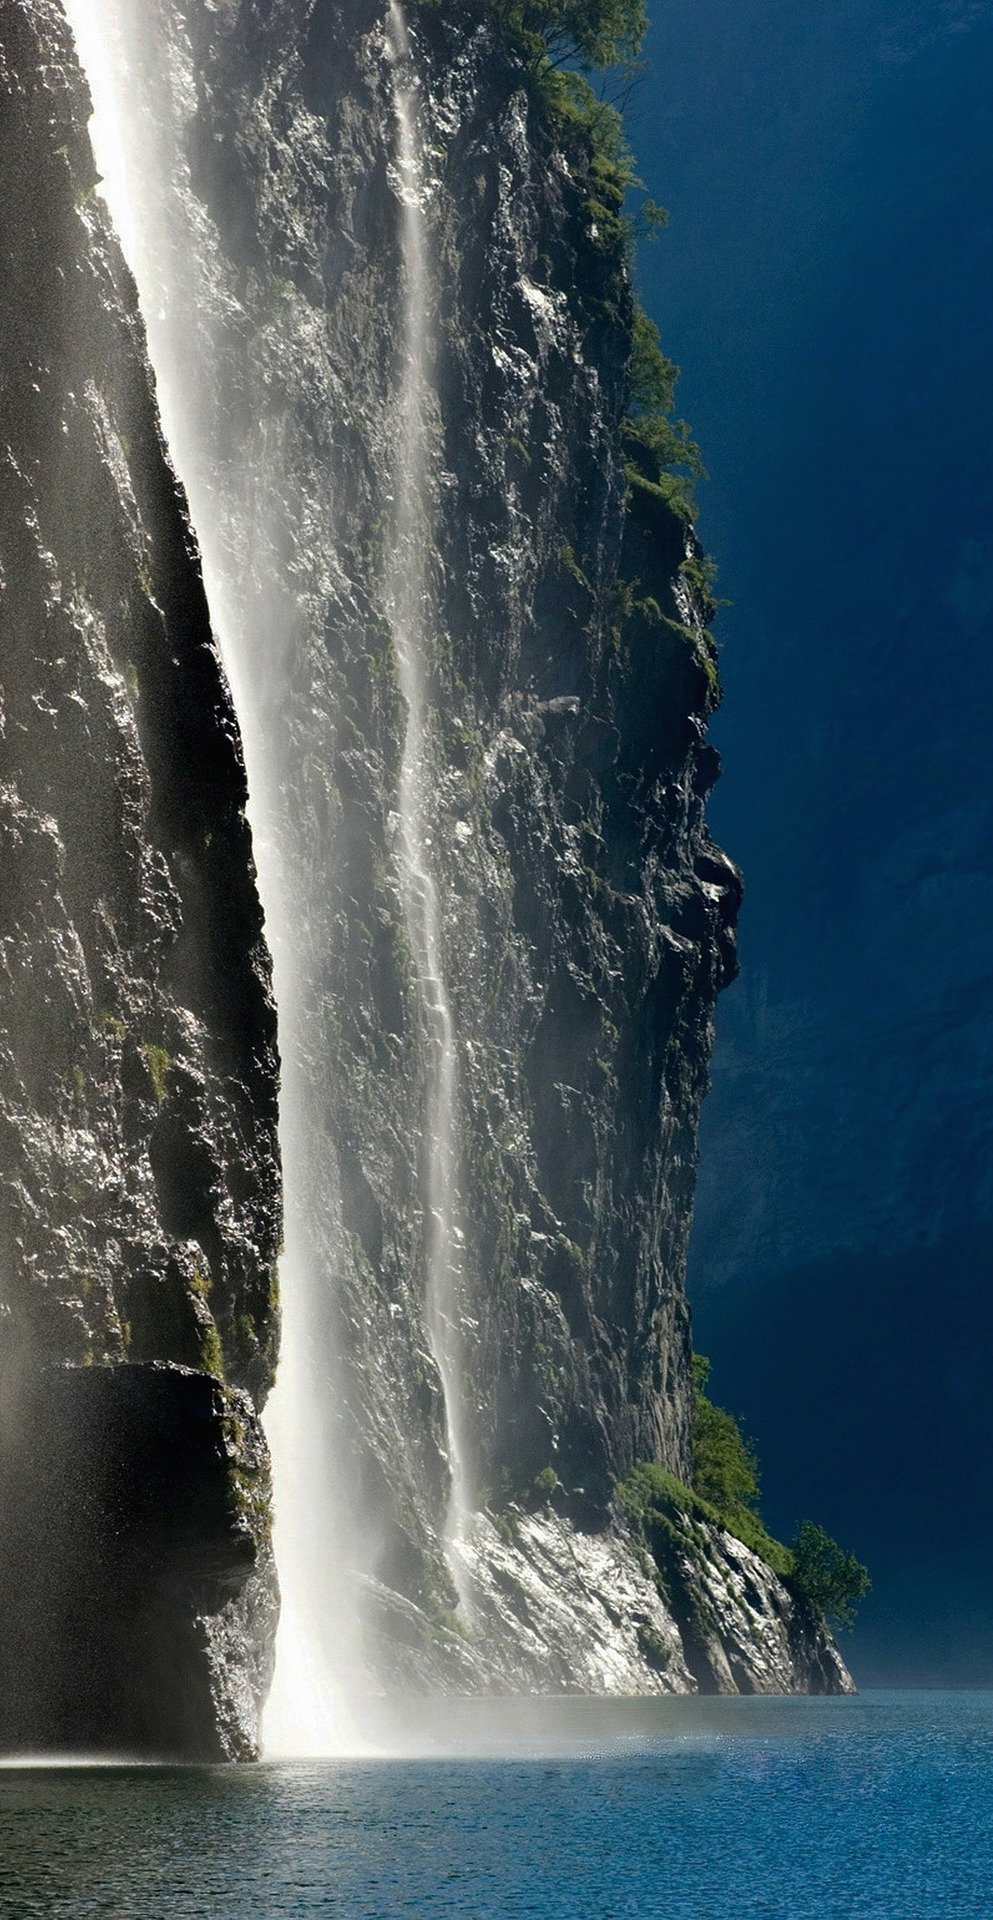 geirangerfjord-norway-waterfall